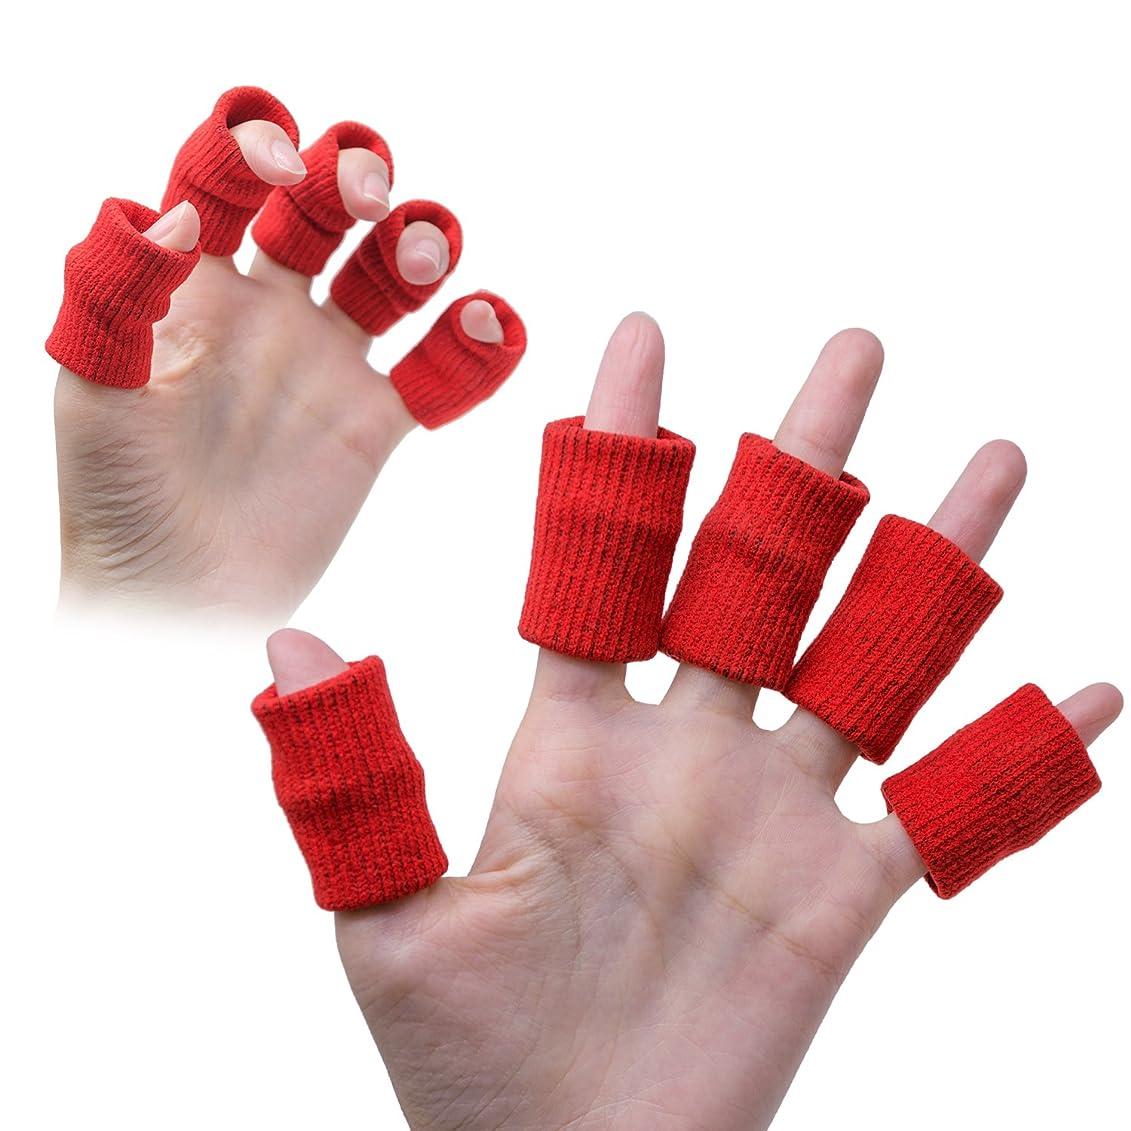 カーペット人気彼女自身Sumifun 親指プロテクター 足指チューブ ? ゲルプロテクター ケア指スリーブ&指先保護は関節炎、硬さ、痛みを緩和する